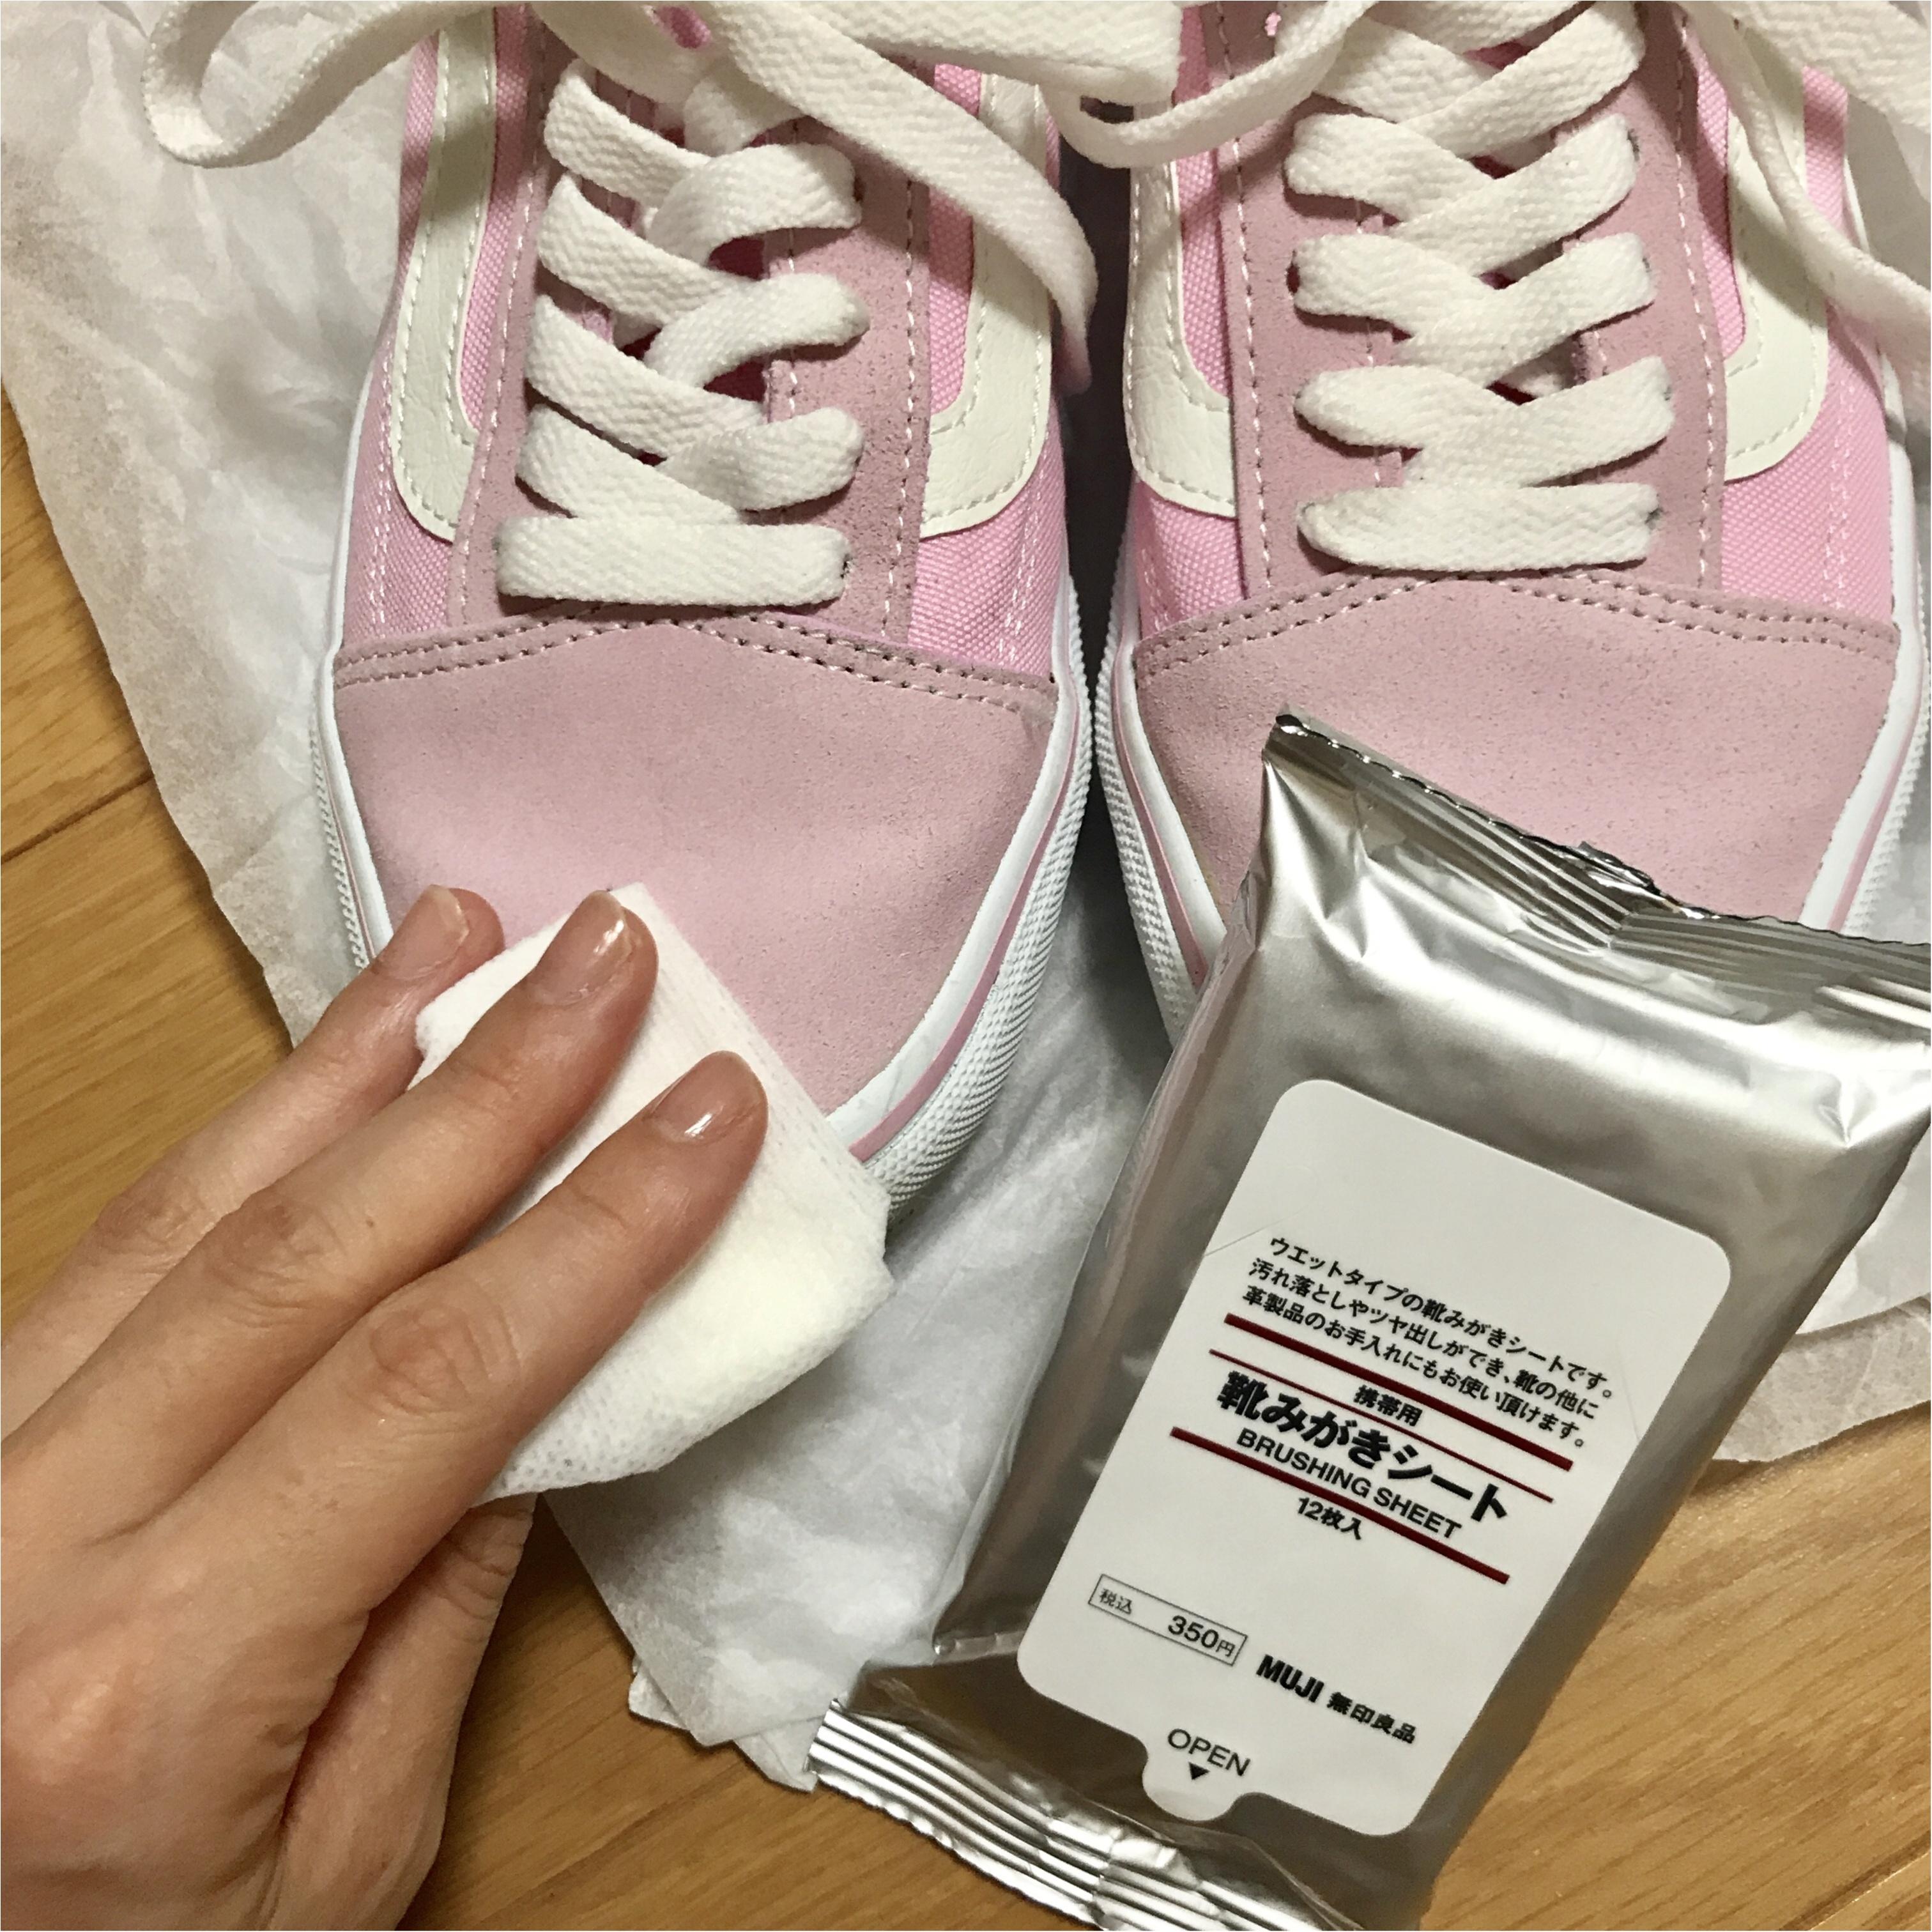 お気に入りの靴をキレイに♡【無印良品】のお手入れグッズがオススメ!!_3